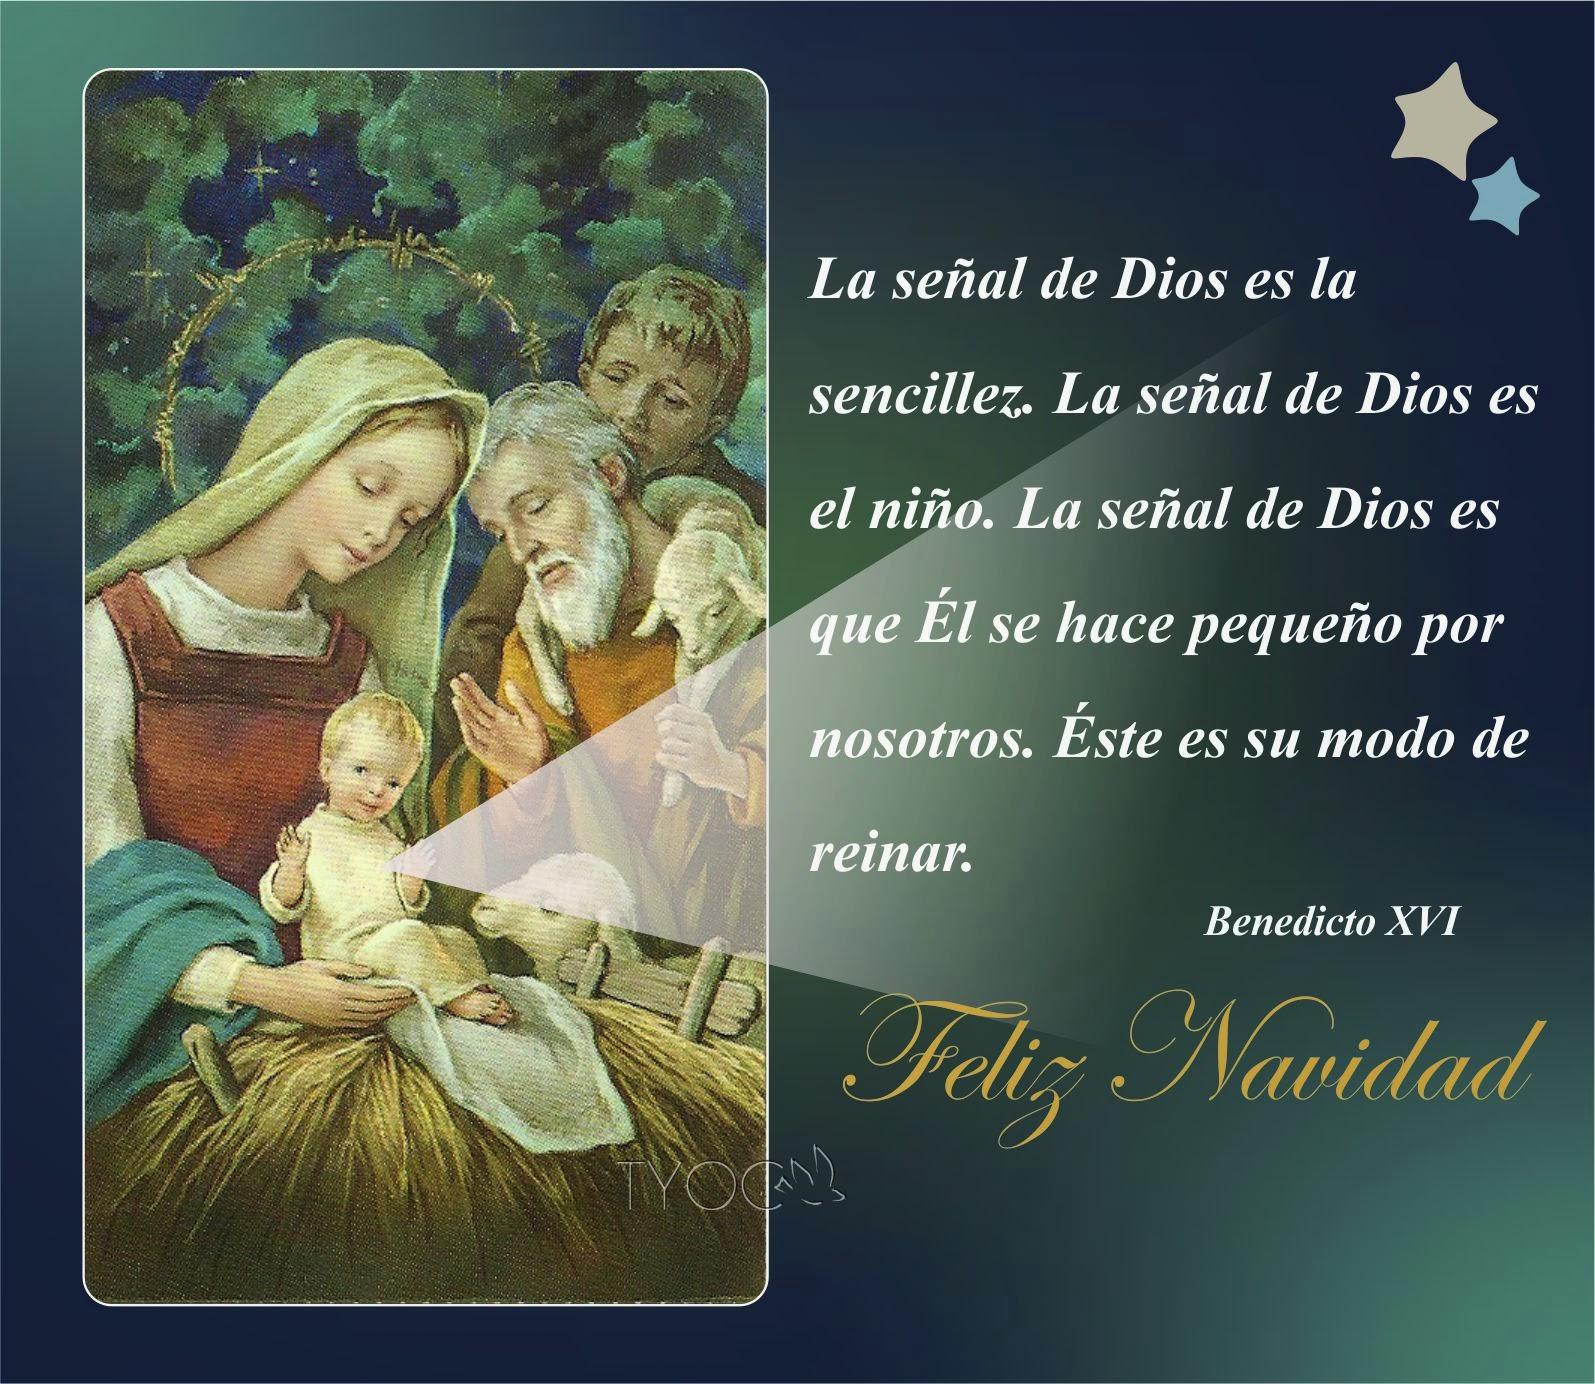 Tarjetas y oraciones catolicas tarjetas navide as con - Tarjetas navidenas cristianas ...